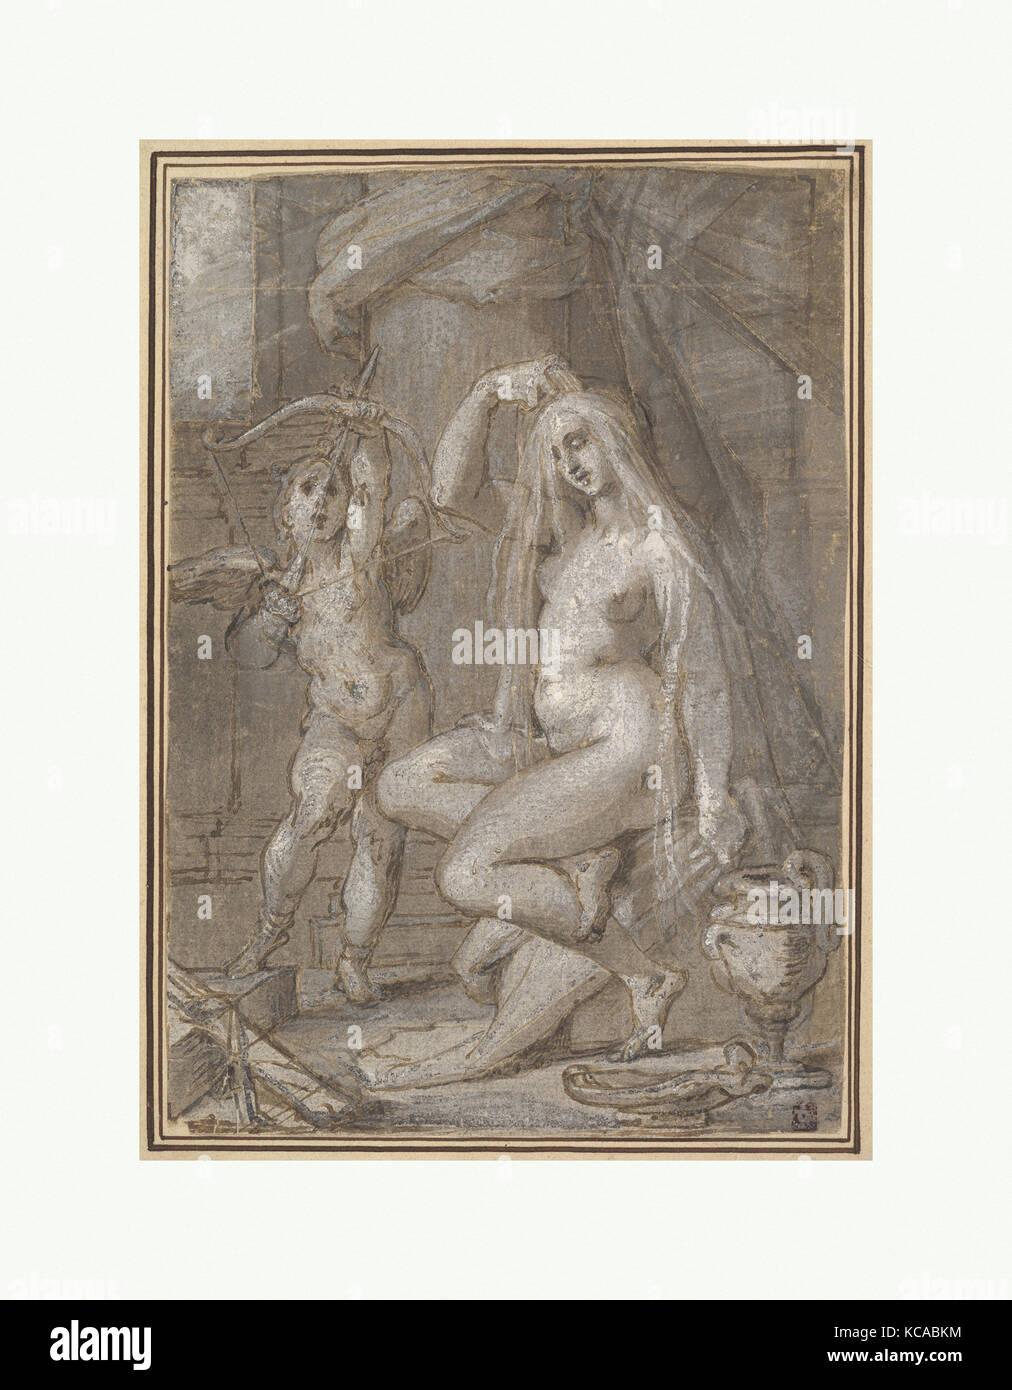 Venus y Amor, ca. 1585, Lápiz y tinta marrón, marrón claro y oscuro y gris, lavar, acentuado con Imagen De Stock